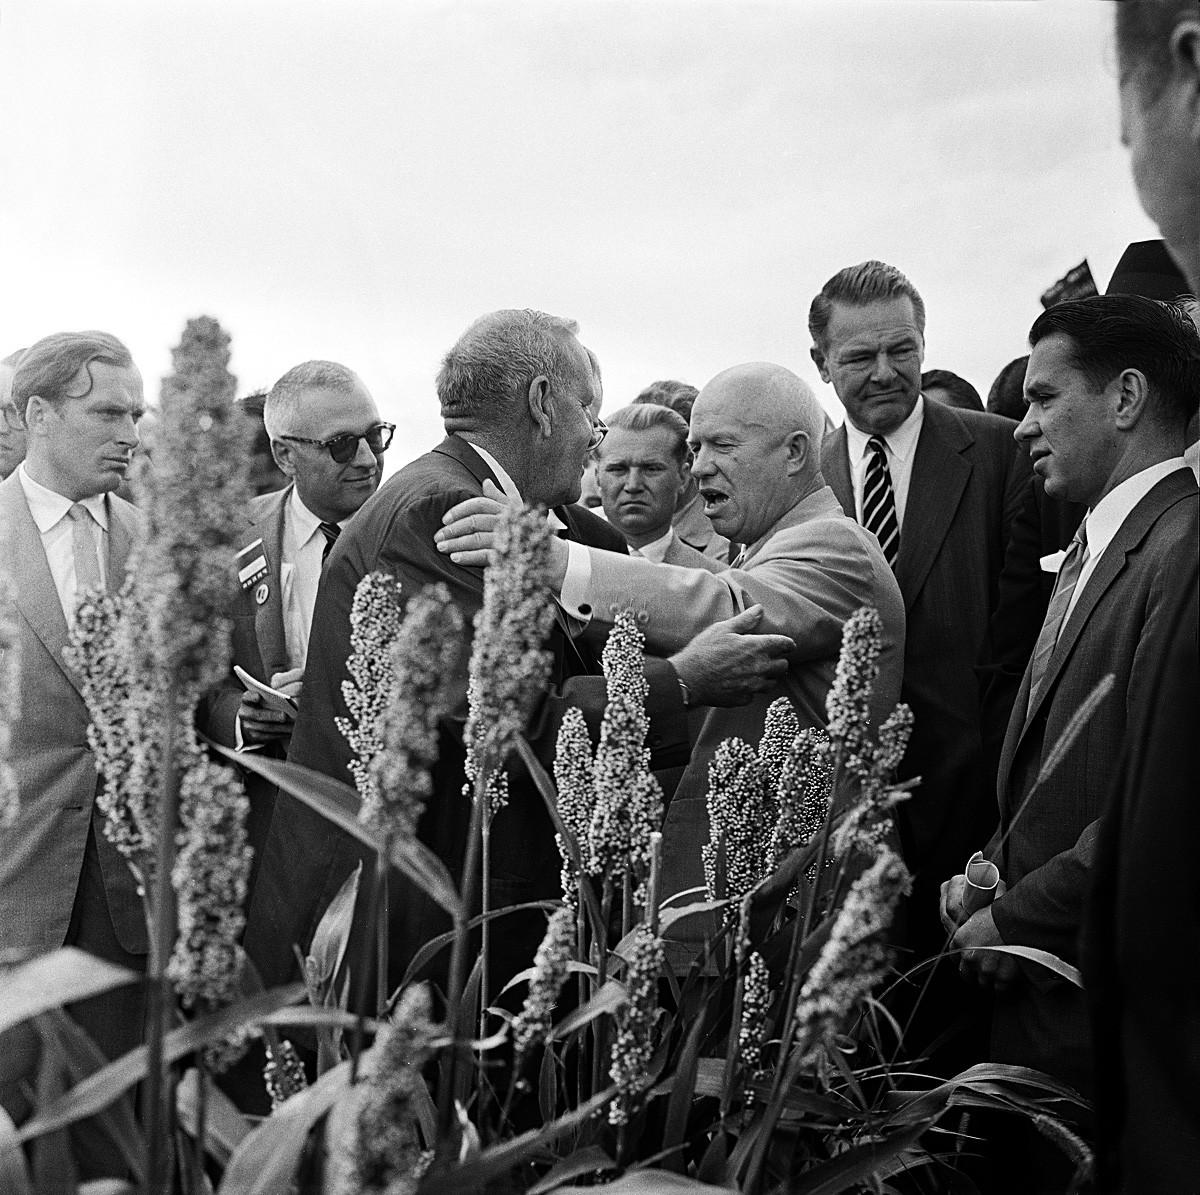 Nikita Khrouchtchev et son hôte, Roswell Garst, discutent dans un champ de sorgho de l'Iowa, le 23 septembre 1959.